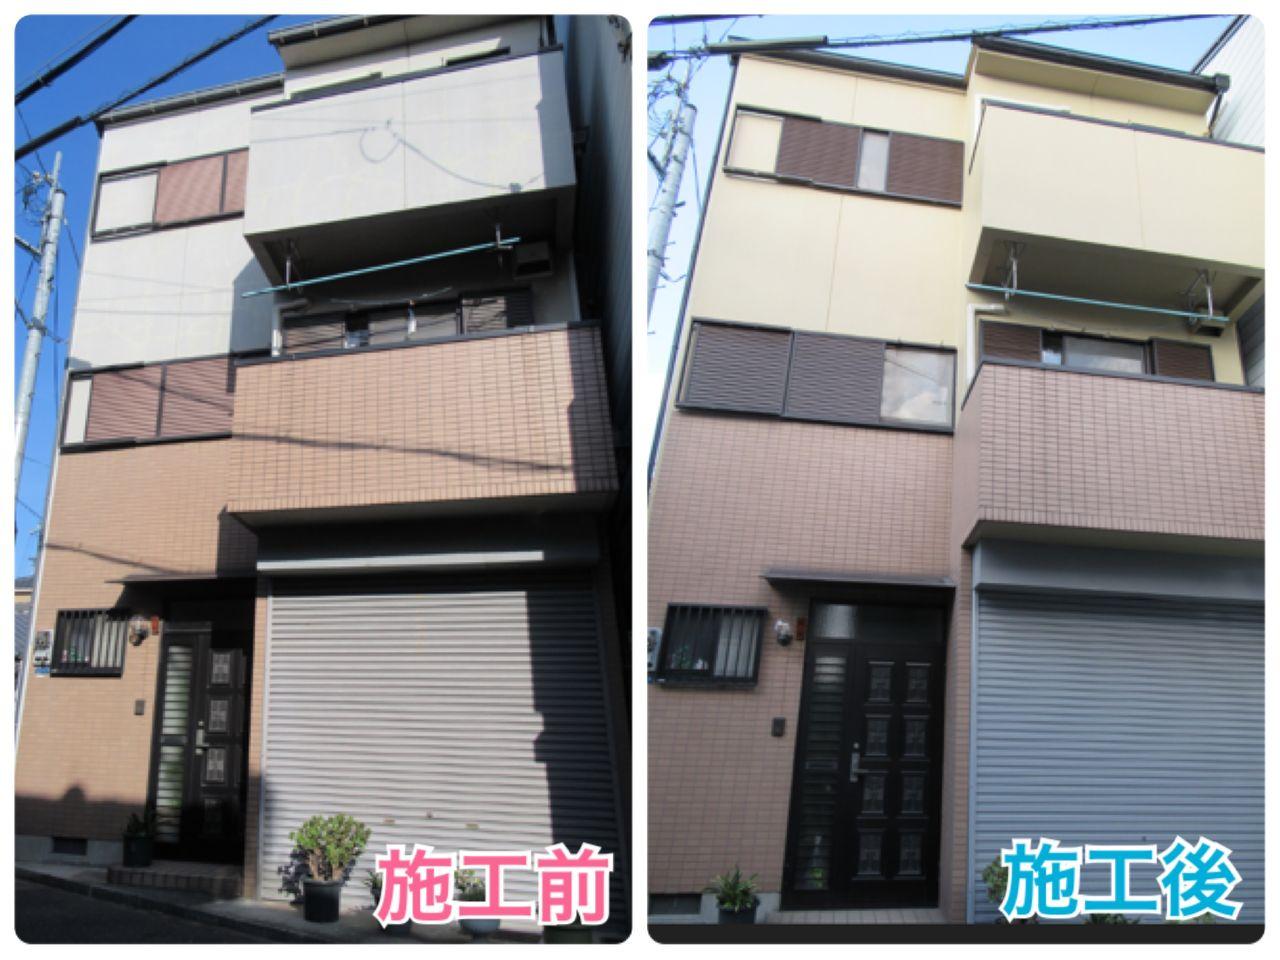 桃坂邸 西成区 外壁 正面 ビフォーアフター